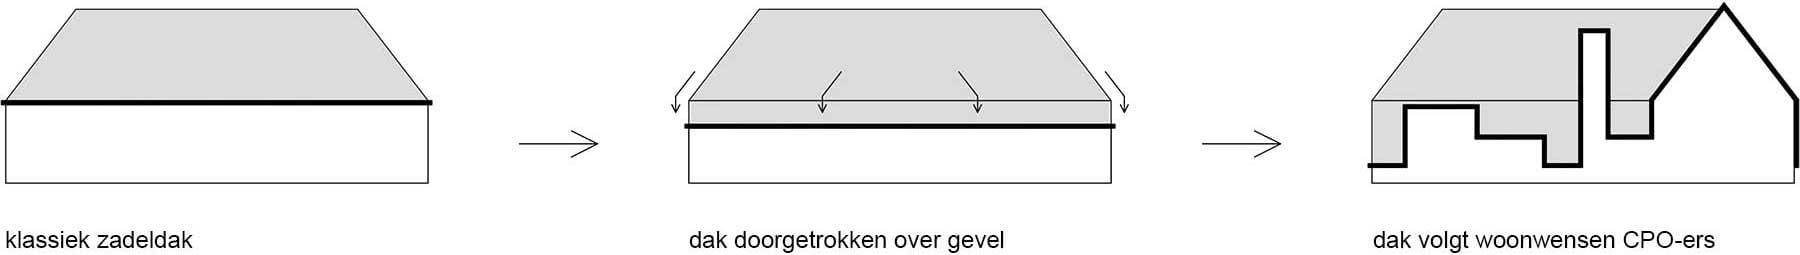 8A-Architecten-CPO-Doornsteeg-Nijkerk-03a